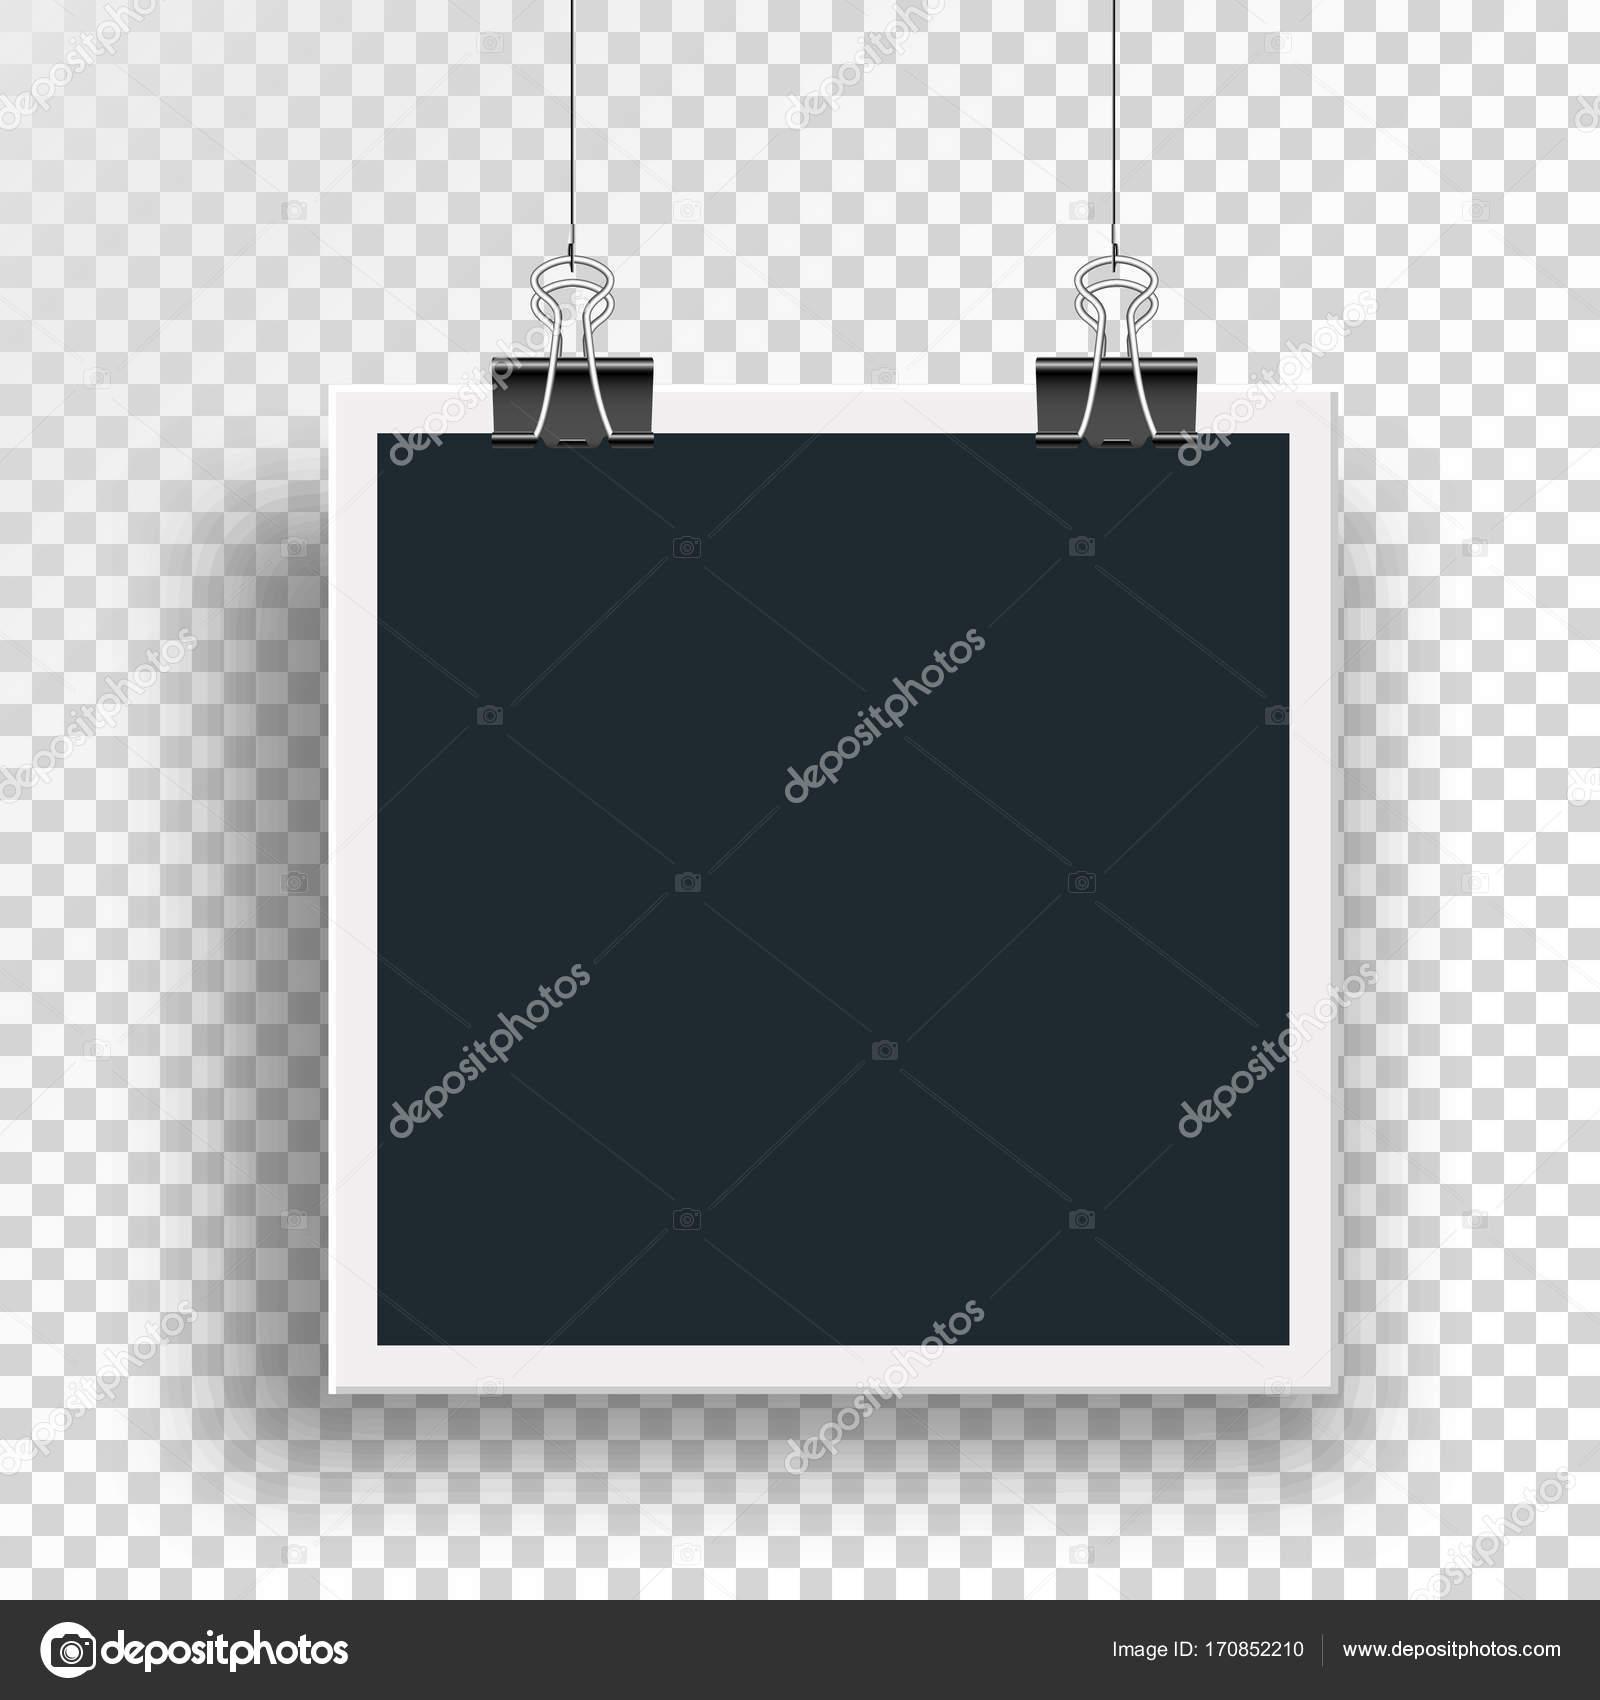 Marco de foto de vector con abrazadera clips binders y pesa en un ...